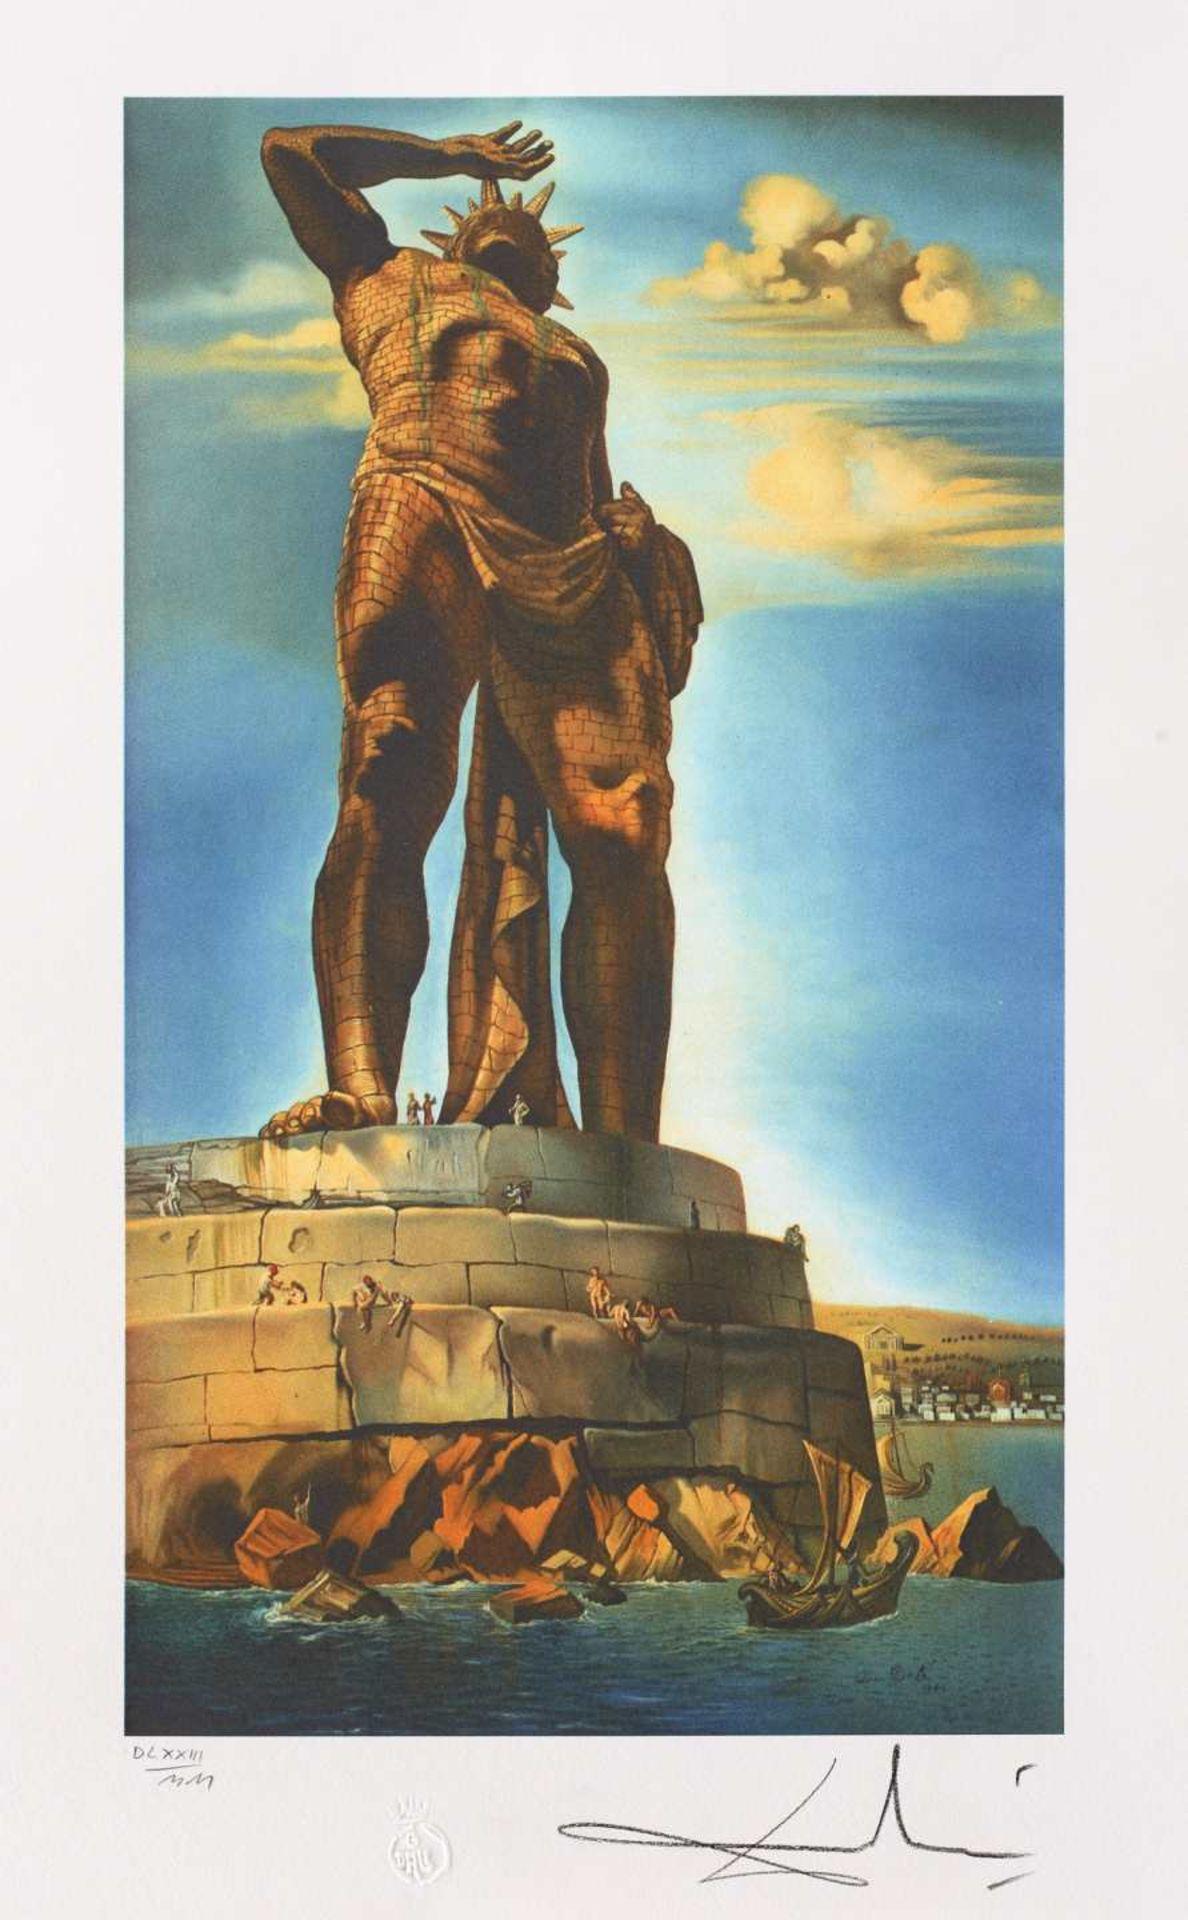 Salvador Dali, The Colossus of RhodesSalvador Dali, The Colossus of Rhodes, chromolithography,